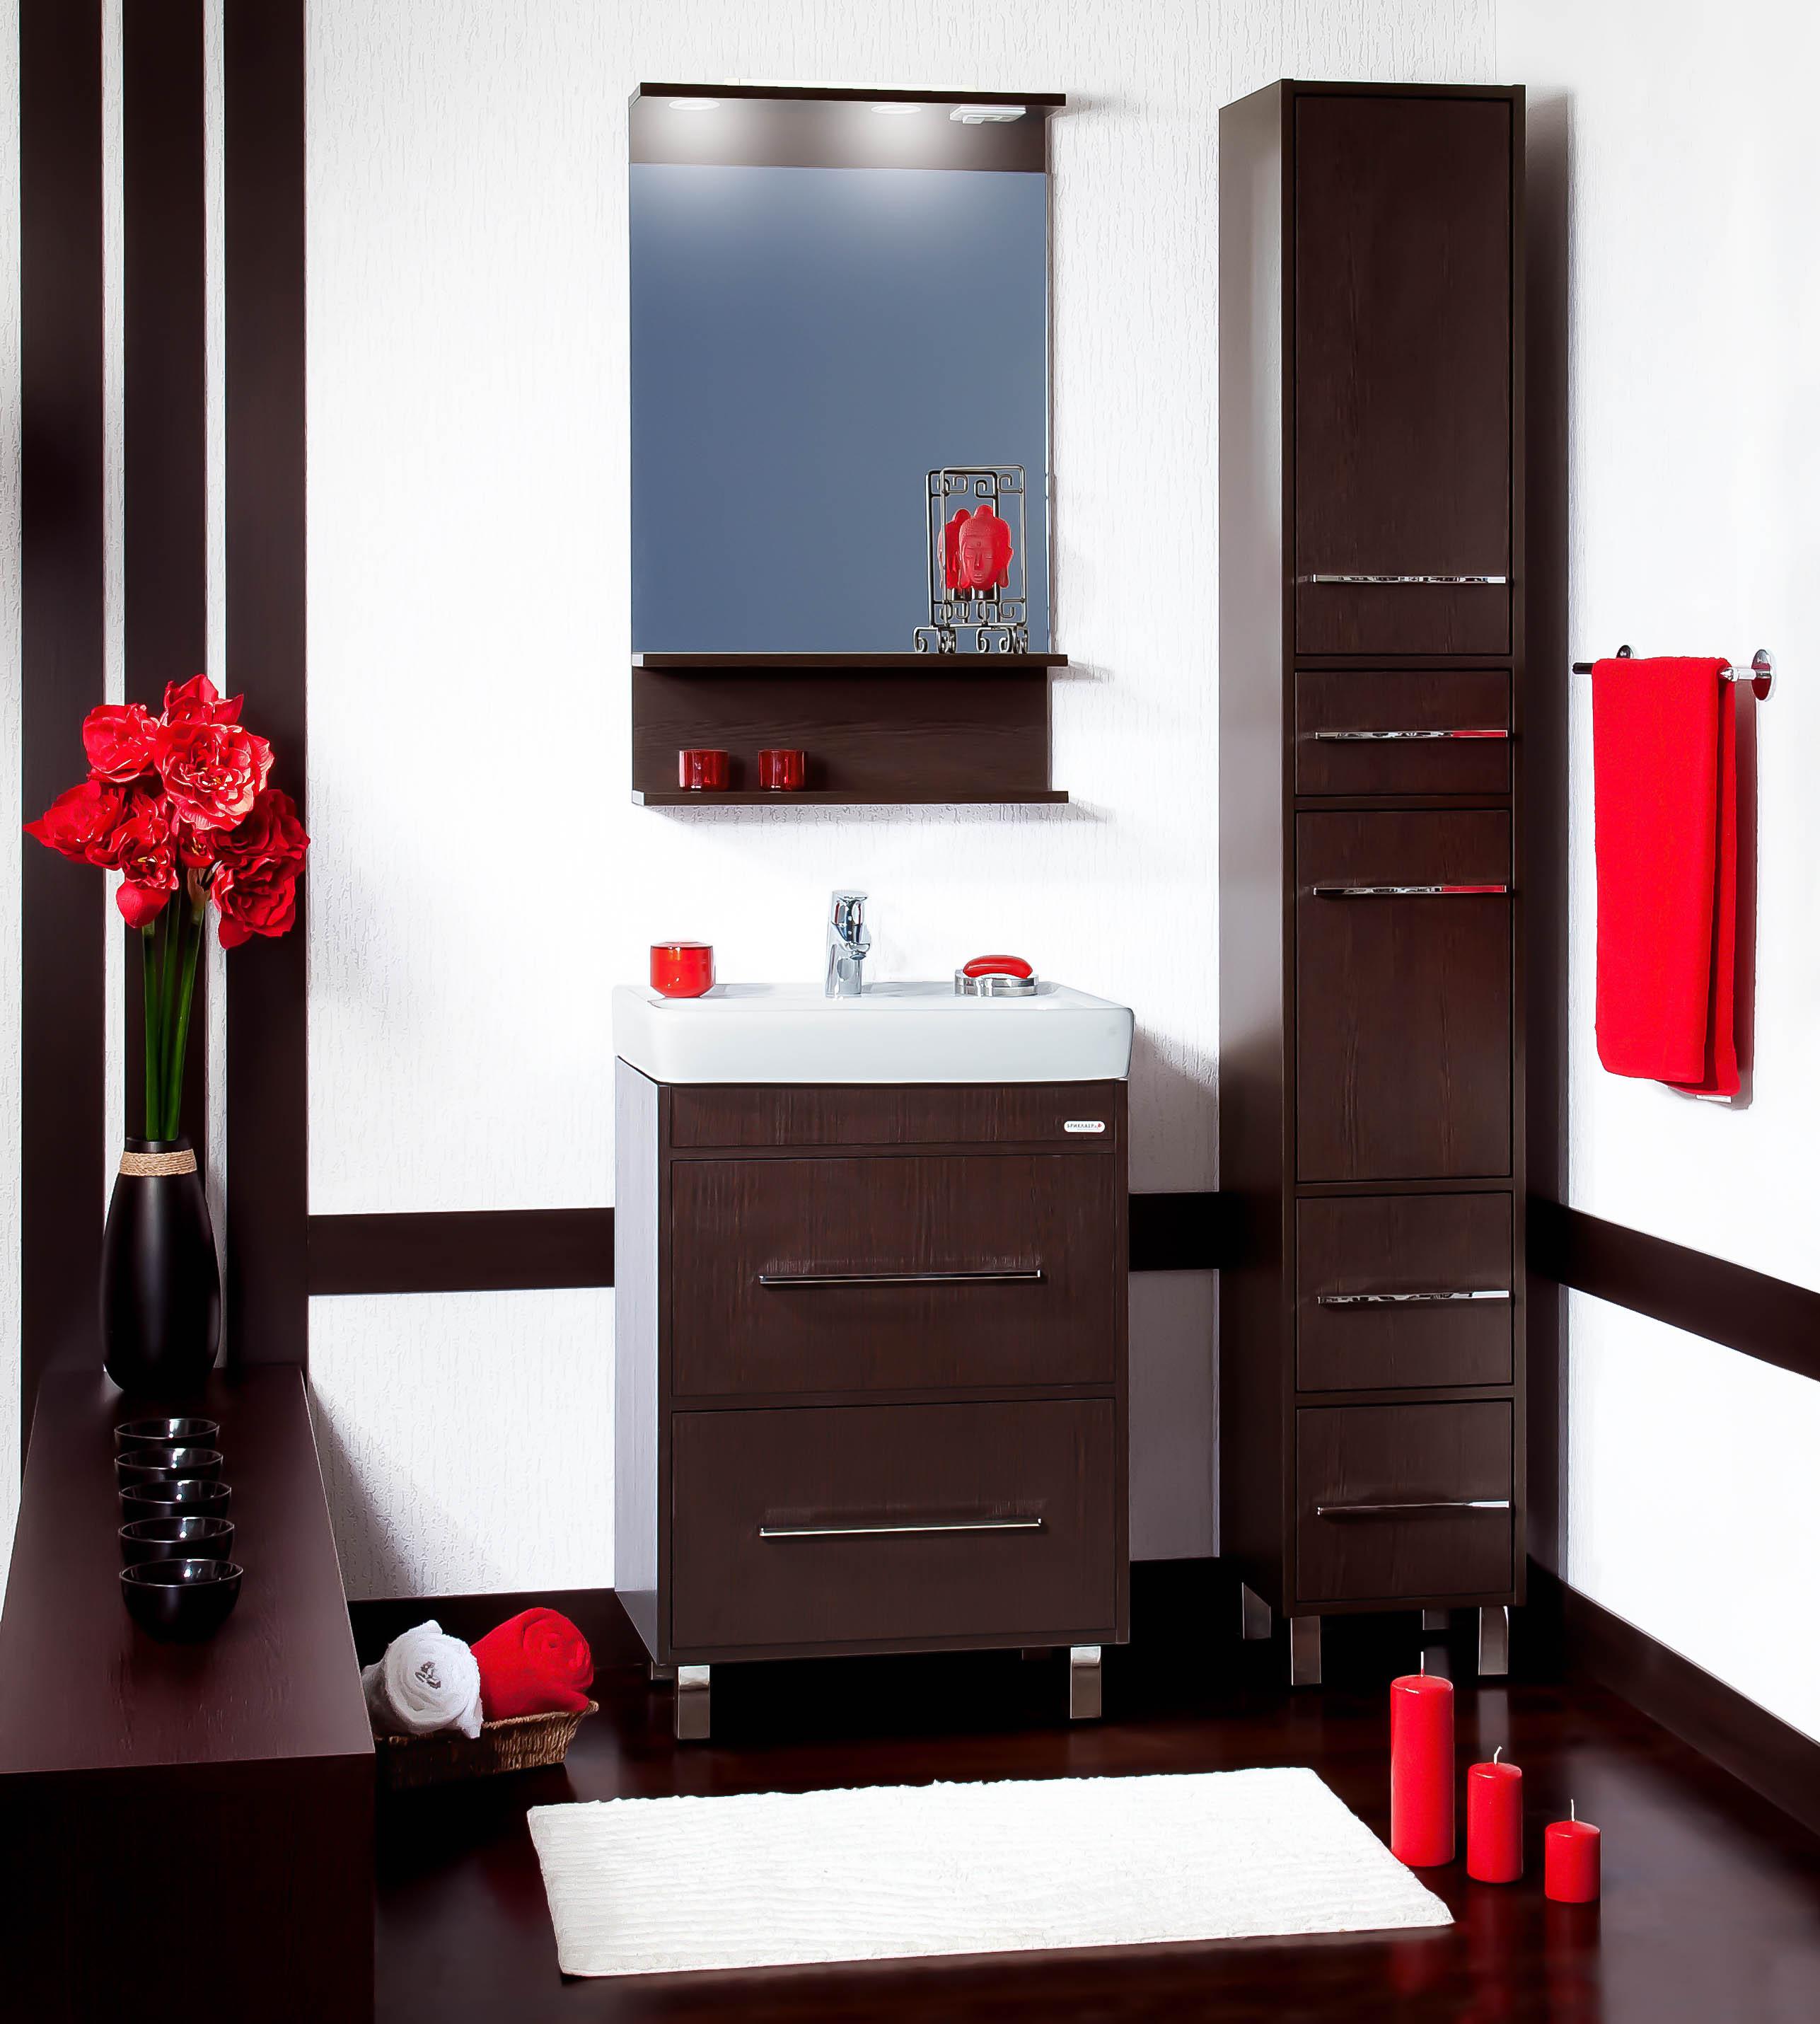 Комплект мебели бриклаер Чили 60 венге в твери. купить в маг.